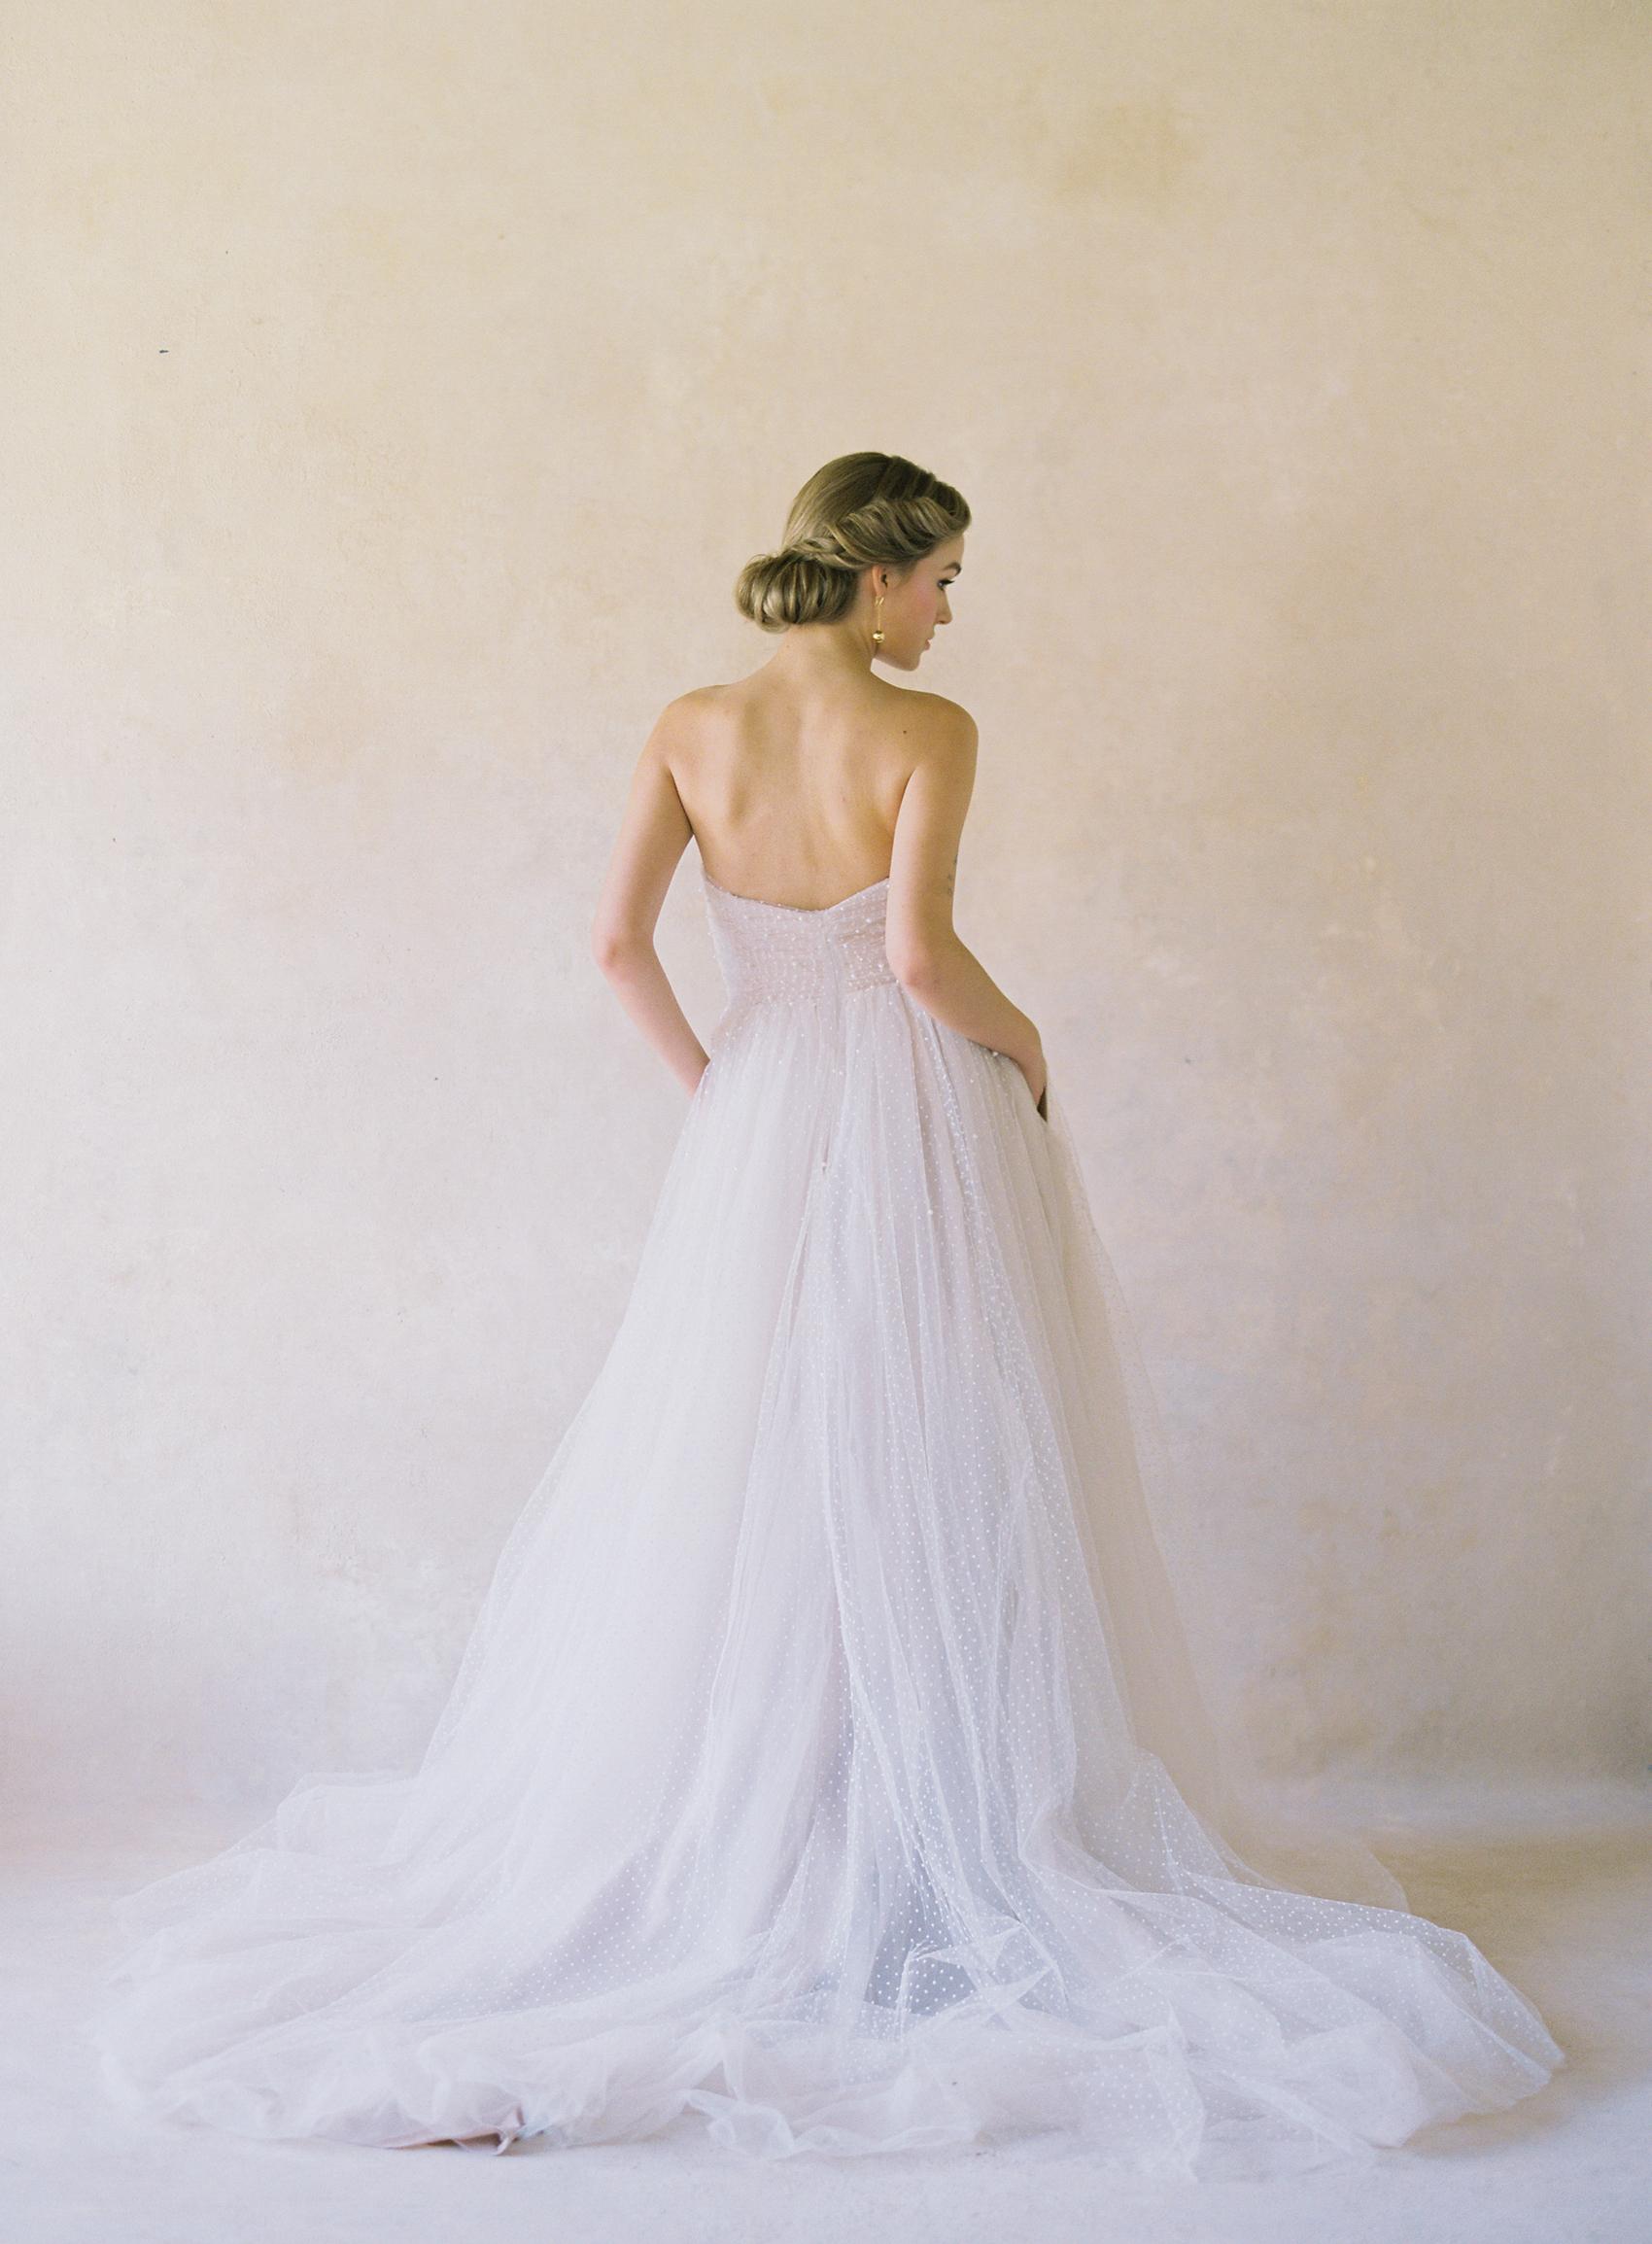 Bridal-Hollywood-6-Jen_Huang-032498-R1-010.jpg